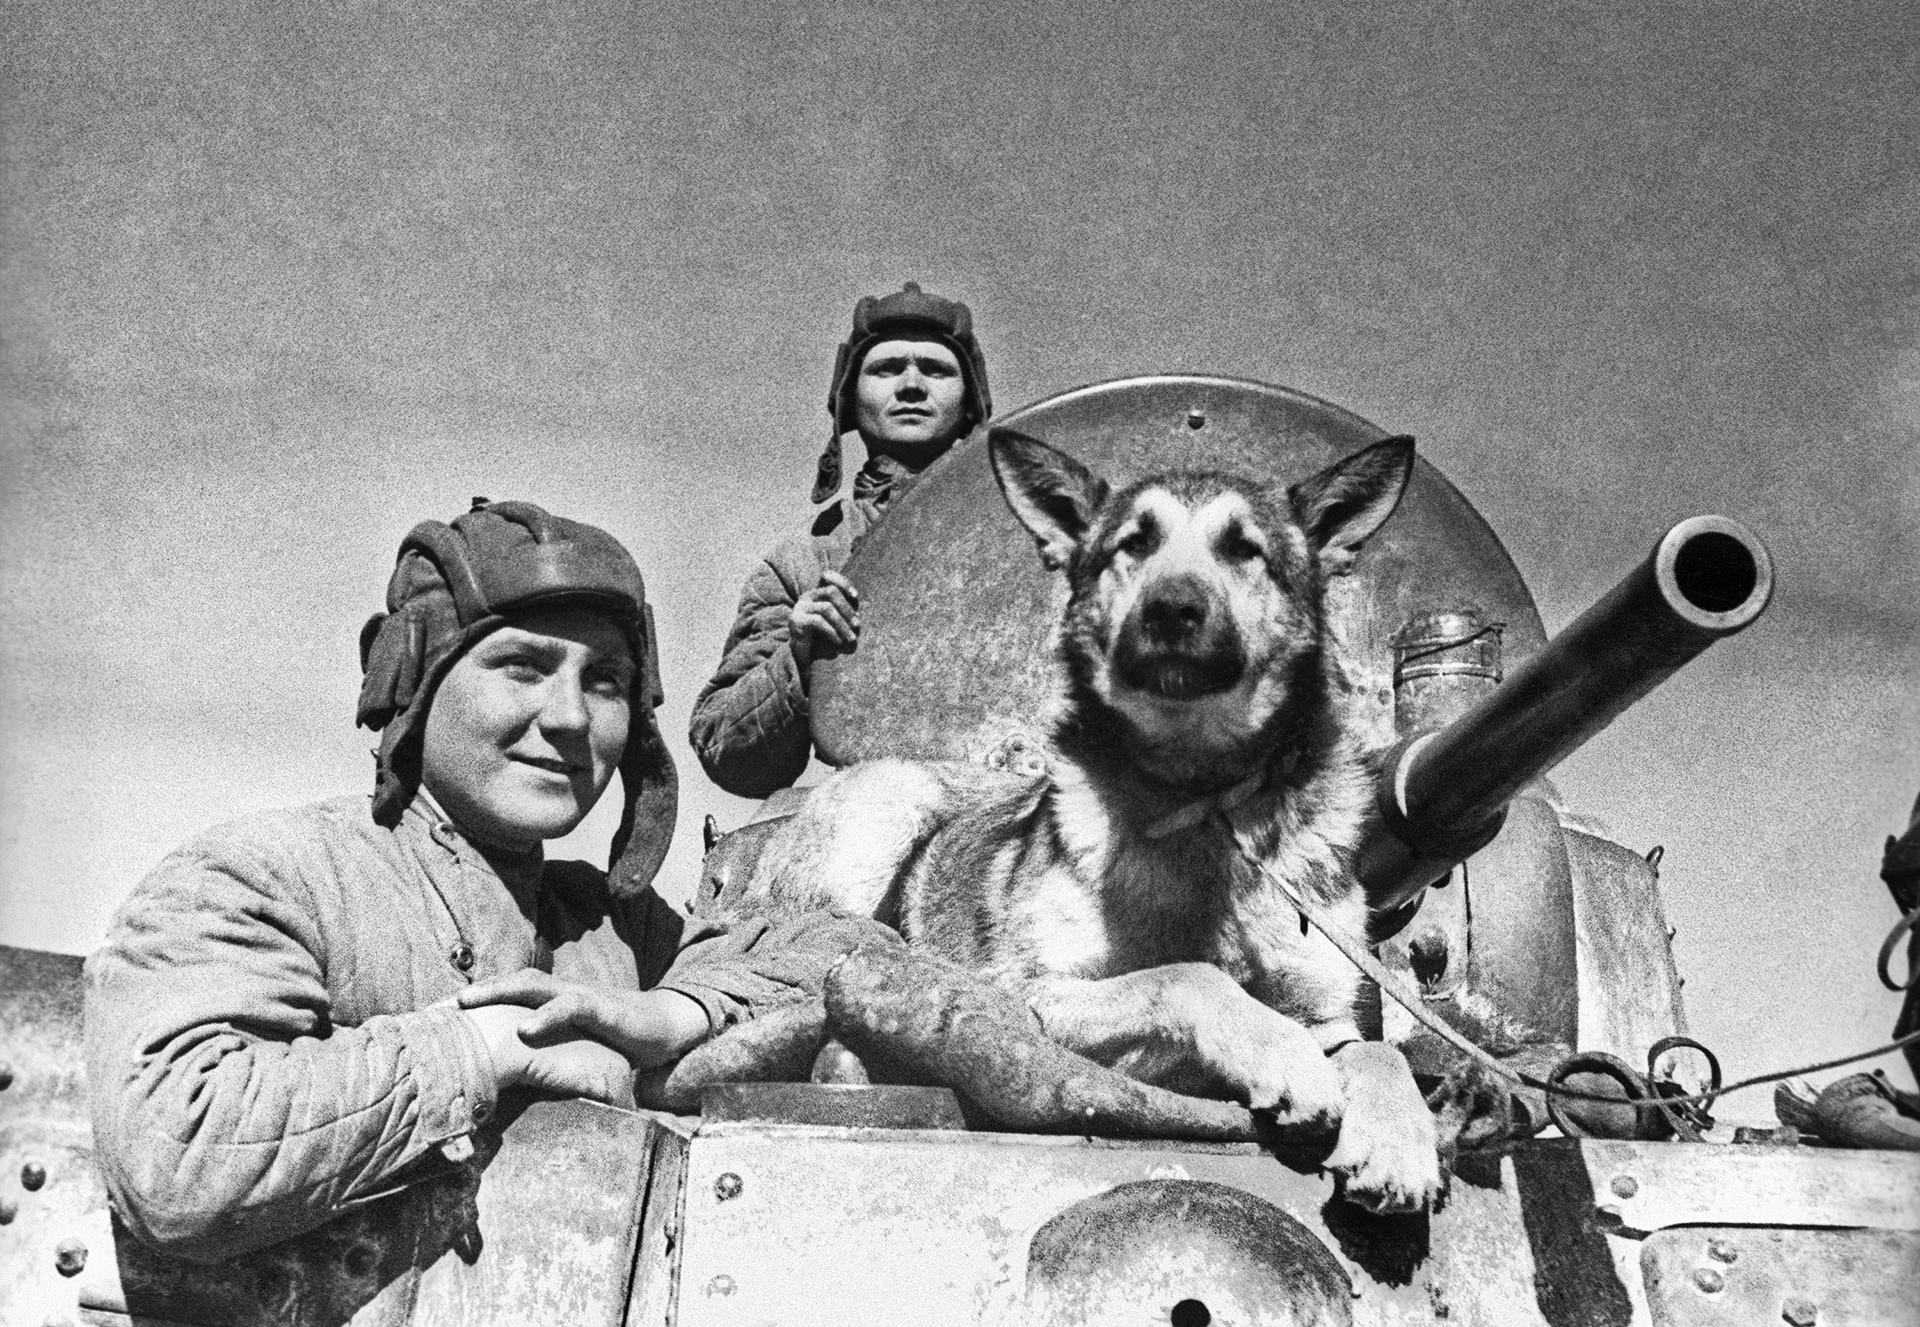 Na sovjetskem oklepniku BA-10: Višji narednik E. P. Enderkson, narednik V. P. Poršakov, T. D. Derenko in ovčar Džulbars.